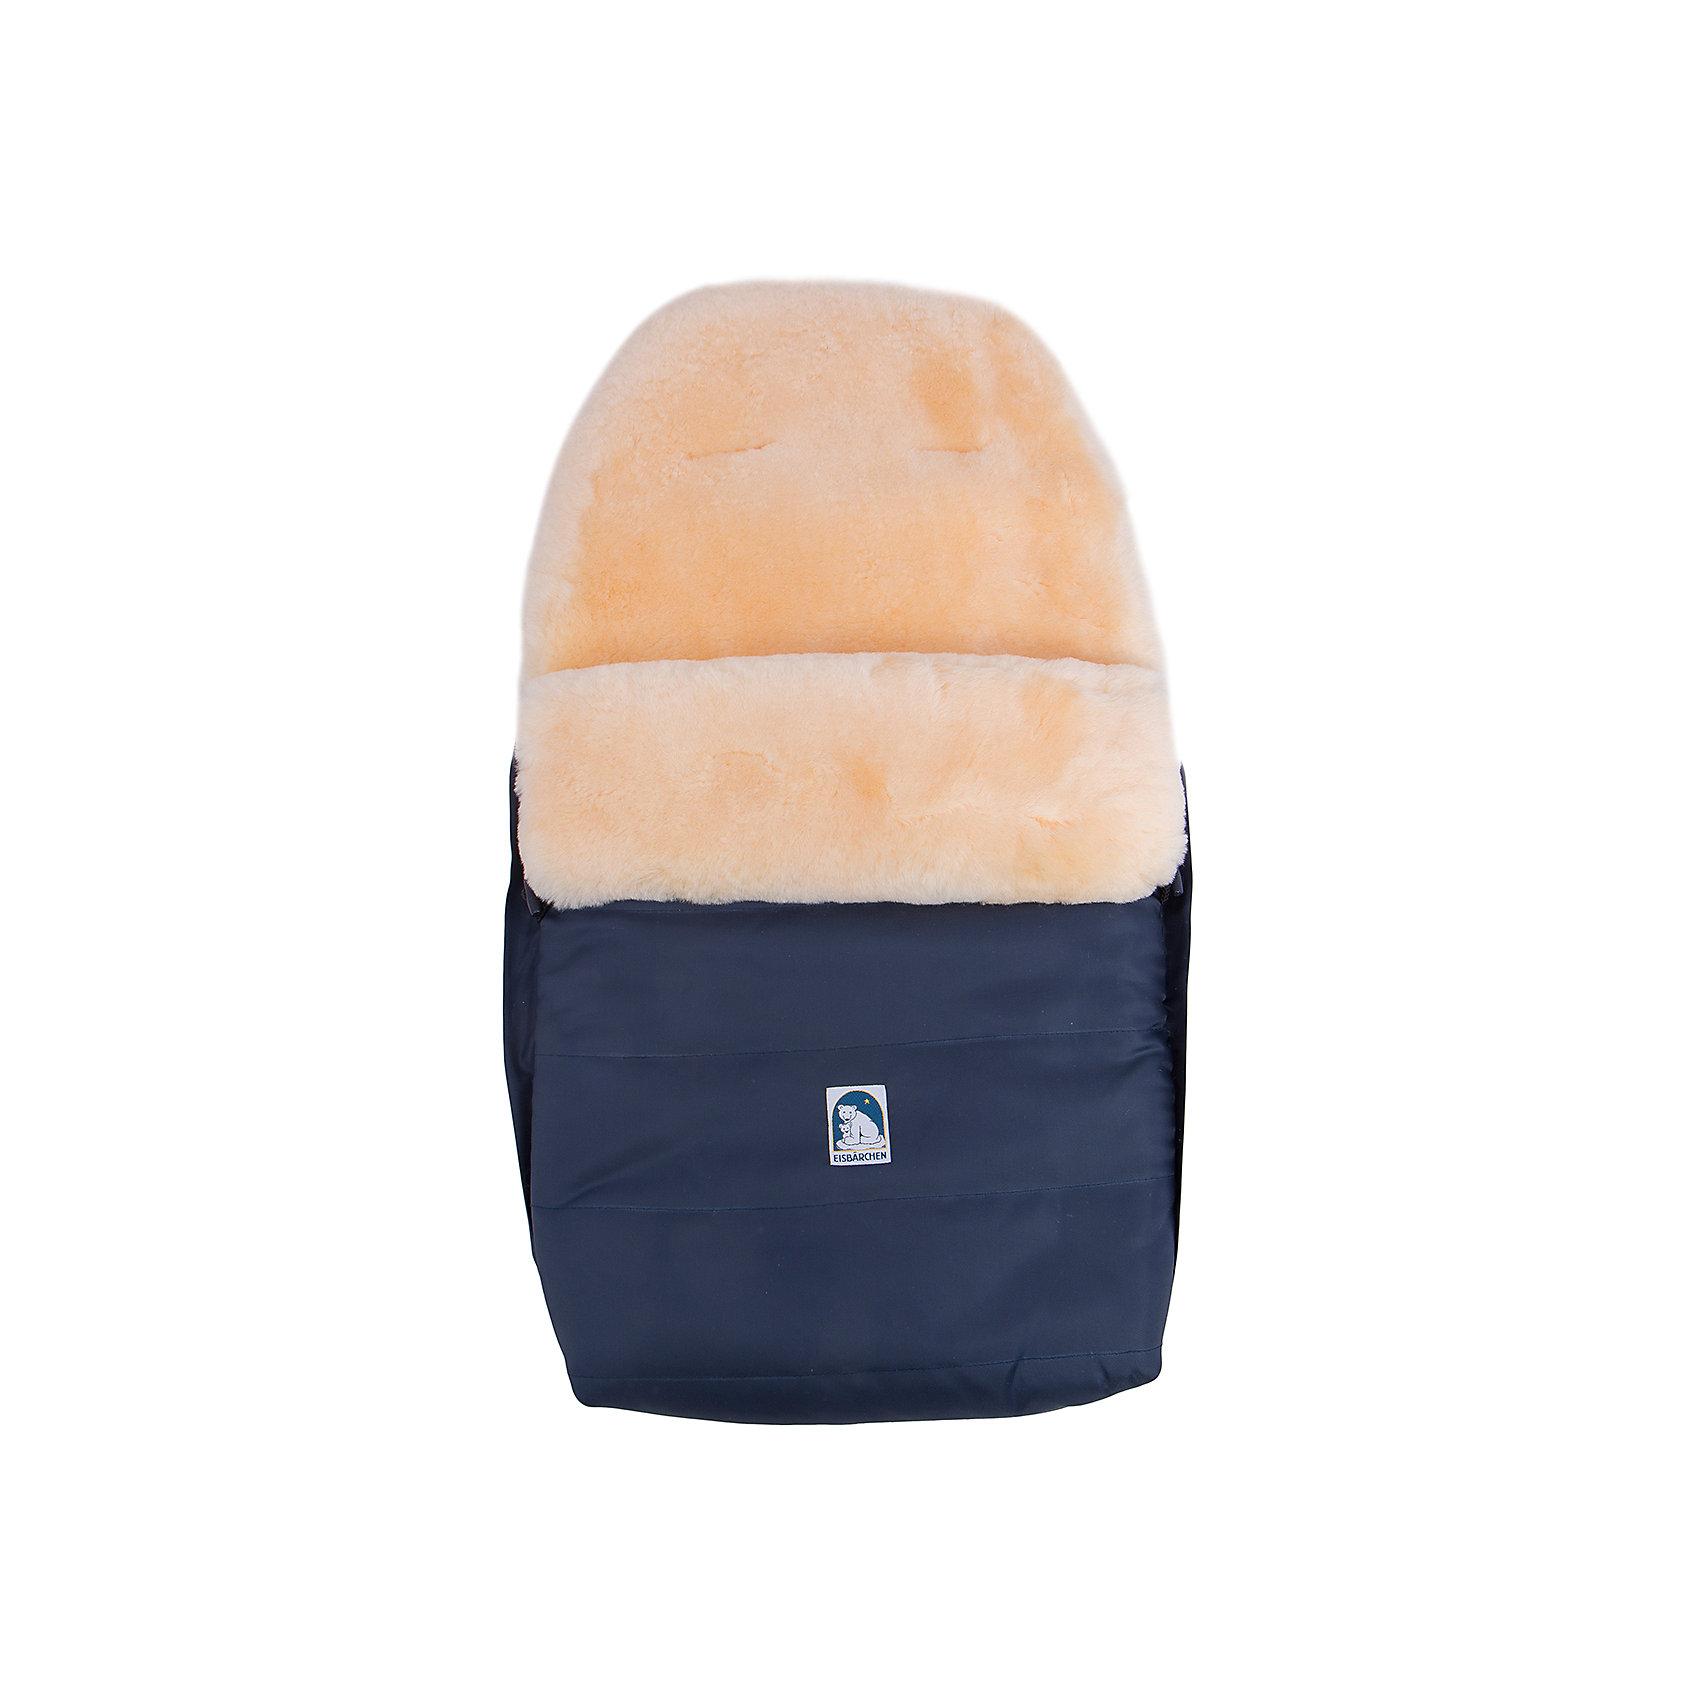 Конверт 968 МА, Heitmann Felle, синийМеховой конверт Heitmann Felle предназначен для прогулок с малышом, в том числе, в коляске и автокресле. Мех ягненка внутри конверта имеет высоту в 30 мм и прекрасно сохранит тепло и уют для крохи. Материалы, из которых изготовлен конверт, гипоаллергенны и водонепроницаемы. Удобно застегивается с помощью двухсторонней молнии.  Для безопасных прогулок в коляске предусмотрены прорези для пятиточечных ремней безопасности. Конверт можно стирать при температуре 30°. Подарите крохе тепло и комфорт с конвертом Heitmann Felle!<br><br>Дополнительная информация:<br>-антиаллергенный материал<br>-верх отстегивается<br>-двухсторонняя молния<br><br>Материал: овчина, ткань<br>Размер: 90х50 см<br>Вес: 3 кг<br>Цвет: синий<br>Вы можете приобрести конверт Heitmann Felle в нашем интернет-магазине.<br><br>Ширина мм: 860<br>Глубина мм: 490<br>Высота мм: 100<br>Вес г: 2000<br>Возраст от месяцев: 0<br>Возраст до месяцев: 12<br>Пол: Унисекс<br>Возраст: Детский<br>SKU: 4977806